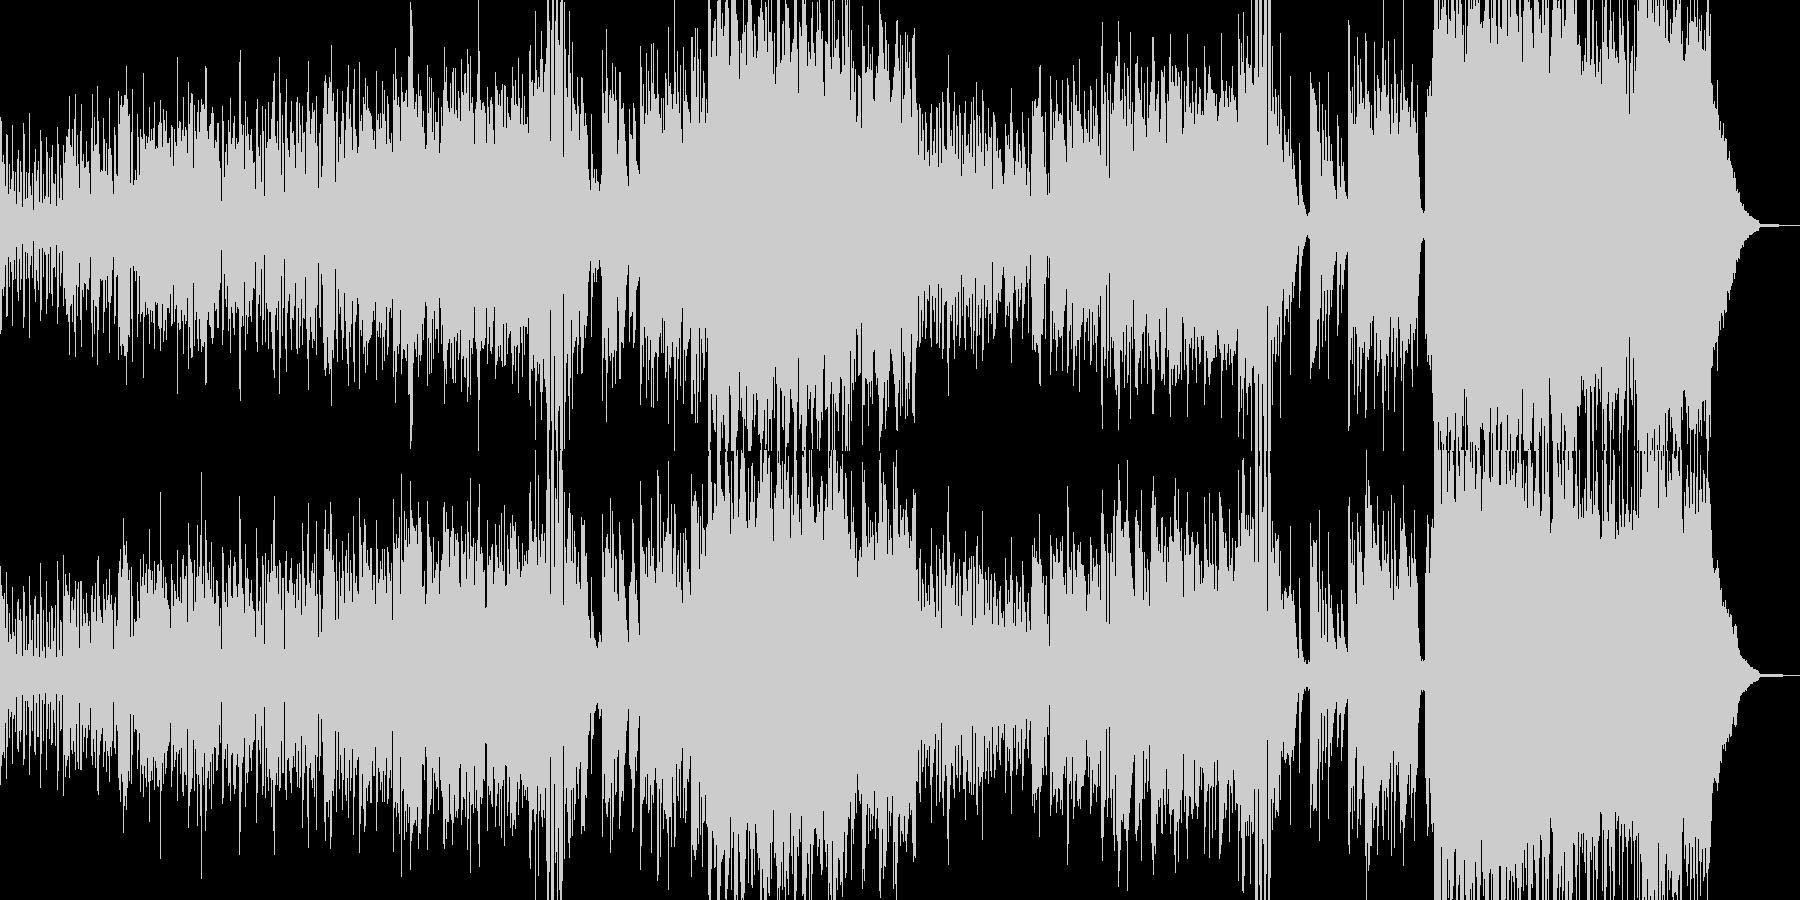 ハロウィンナイト・異世界風ワルツ A2の未再生の波形